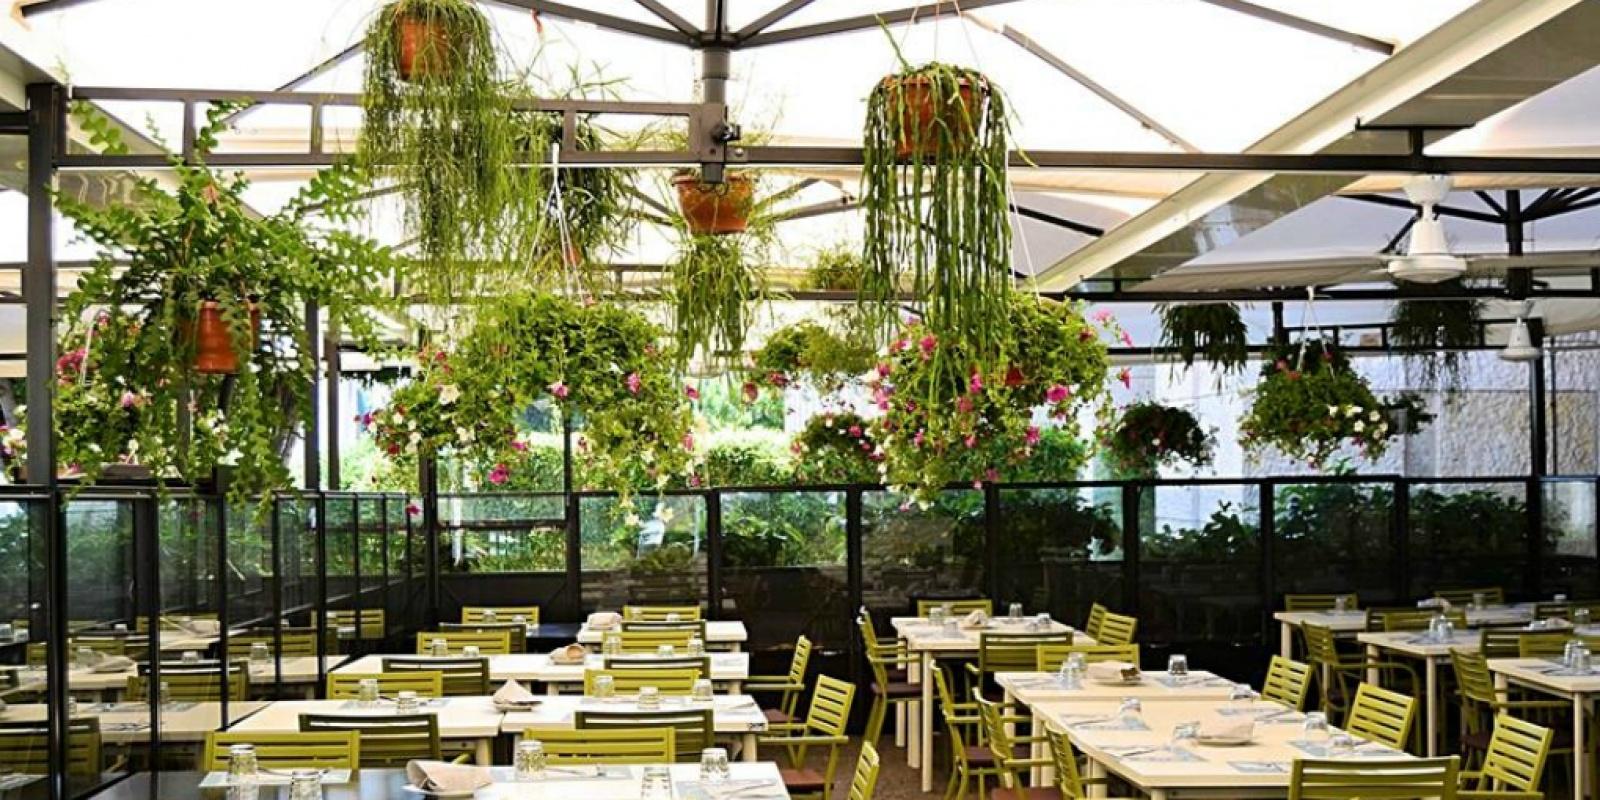 Miniguida ai migliori ristoranti e locali dell eur a roma for Locali commerciali roma centro